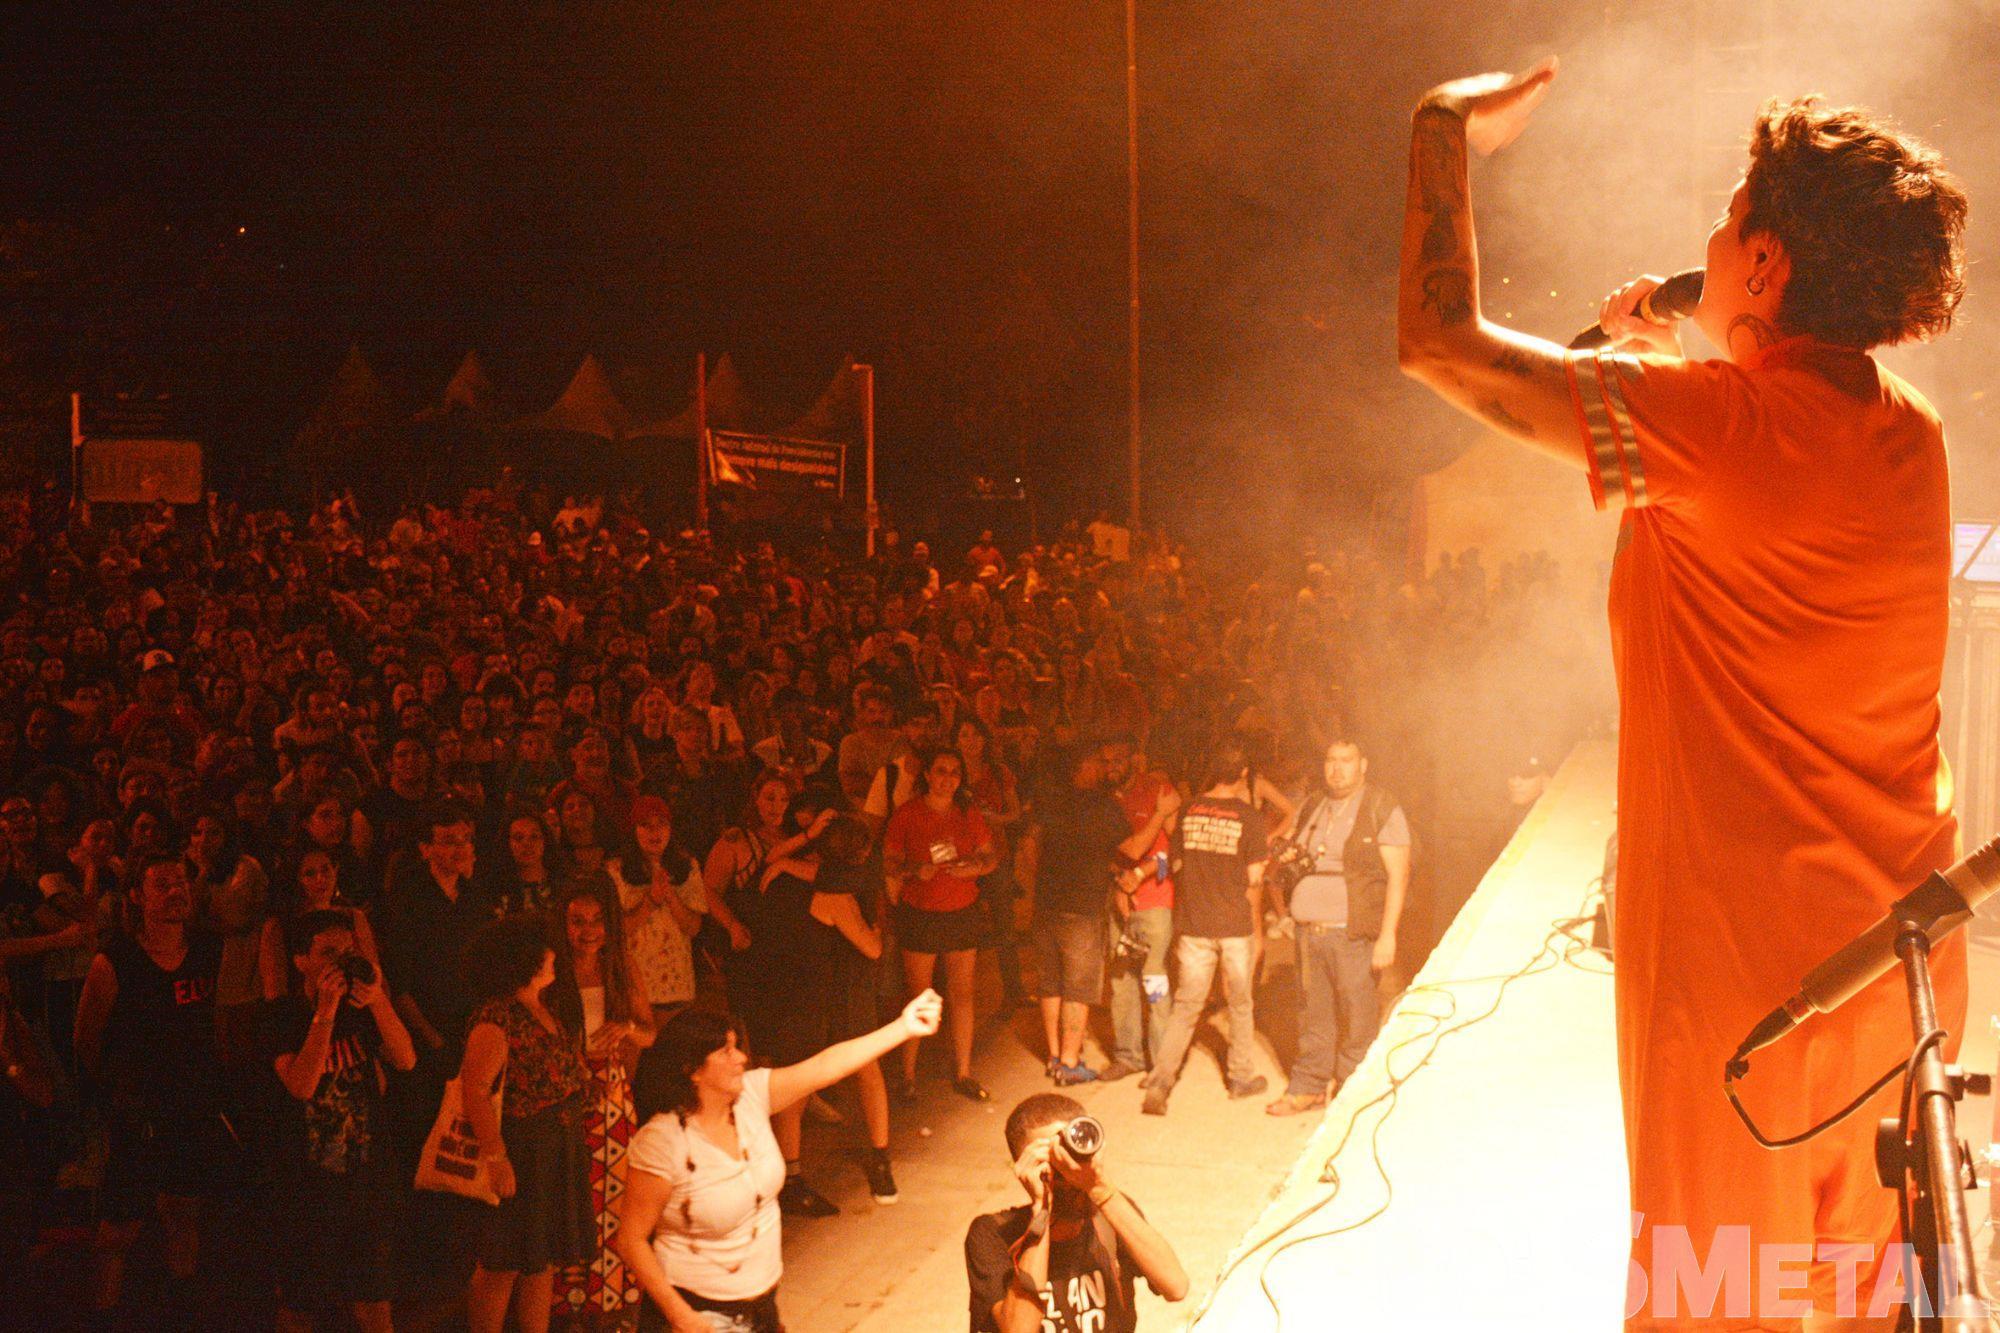 Nove atrações musicais e falas de lideranças de diversos segmentos da sociedade deram o tom do evento político-cultural do 1º de Maio em Sorocaba, show,  smetal,  espanhois,  sorocaba,  sindicato,  trabalhador,  atração,  detonautas, Foguinho / Renat